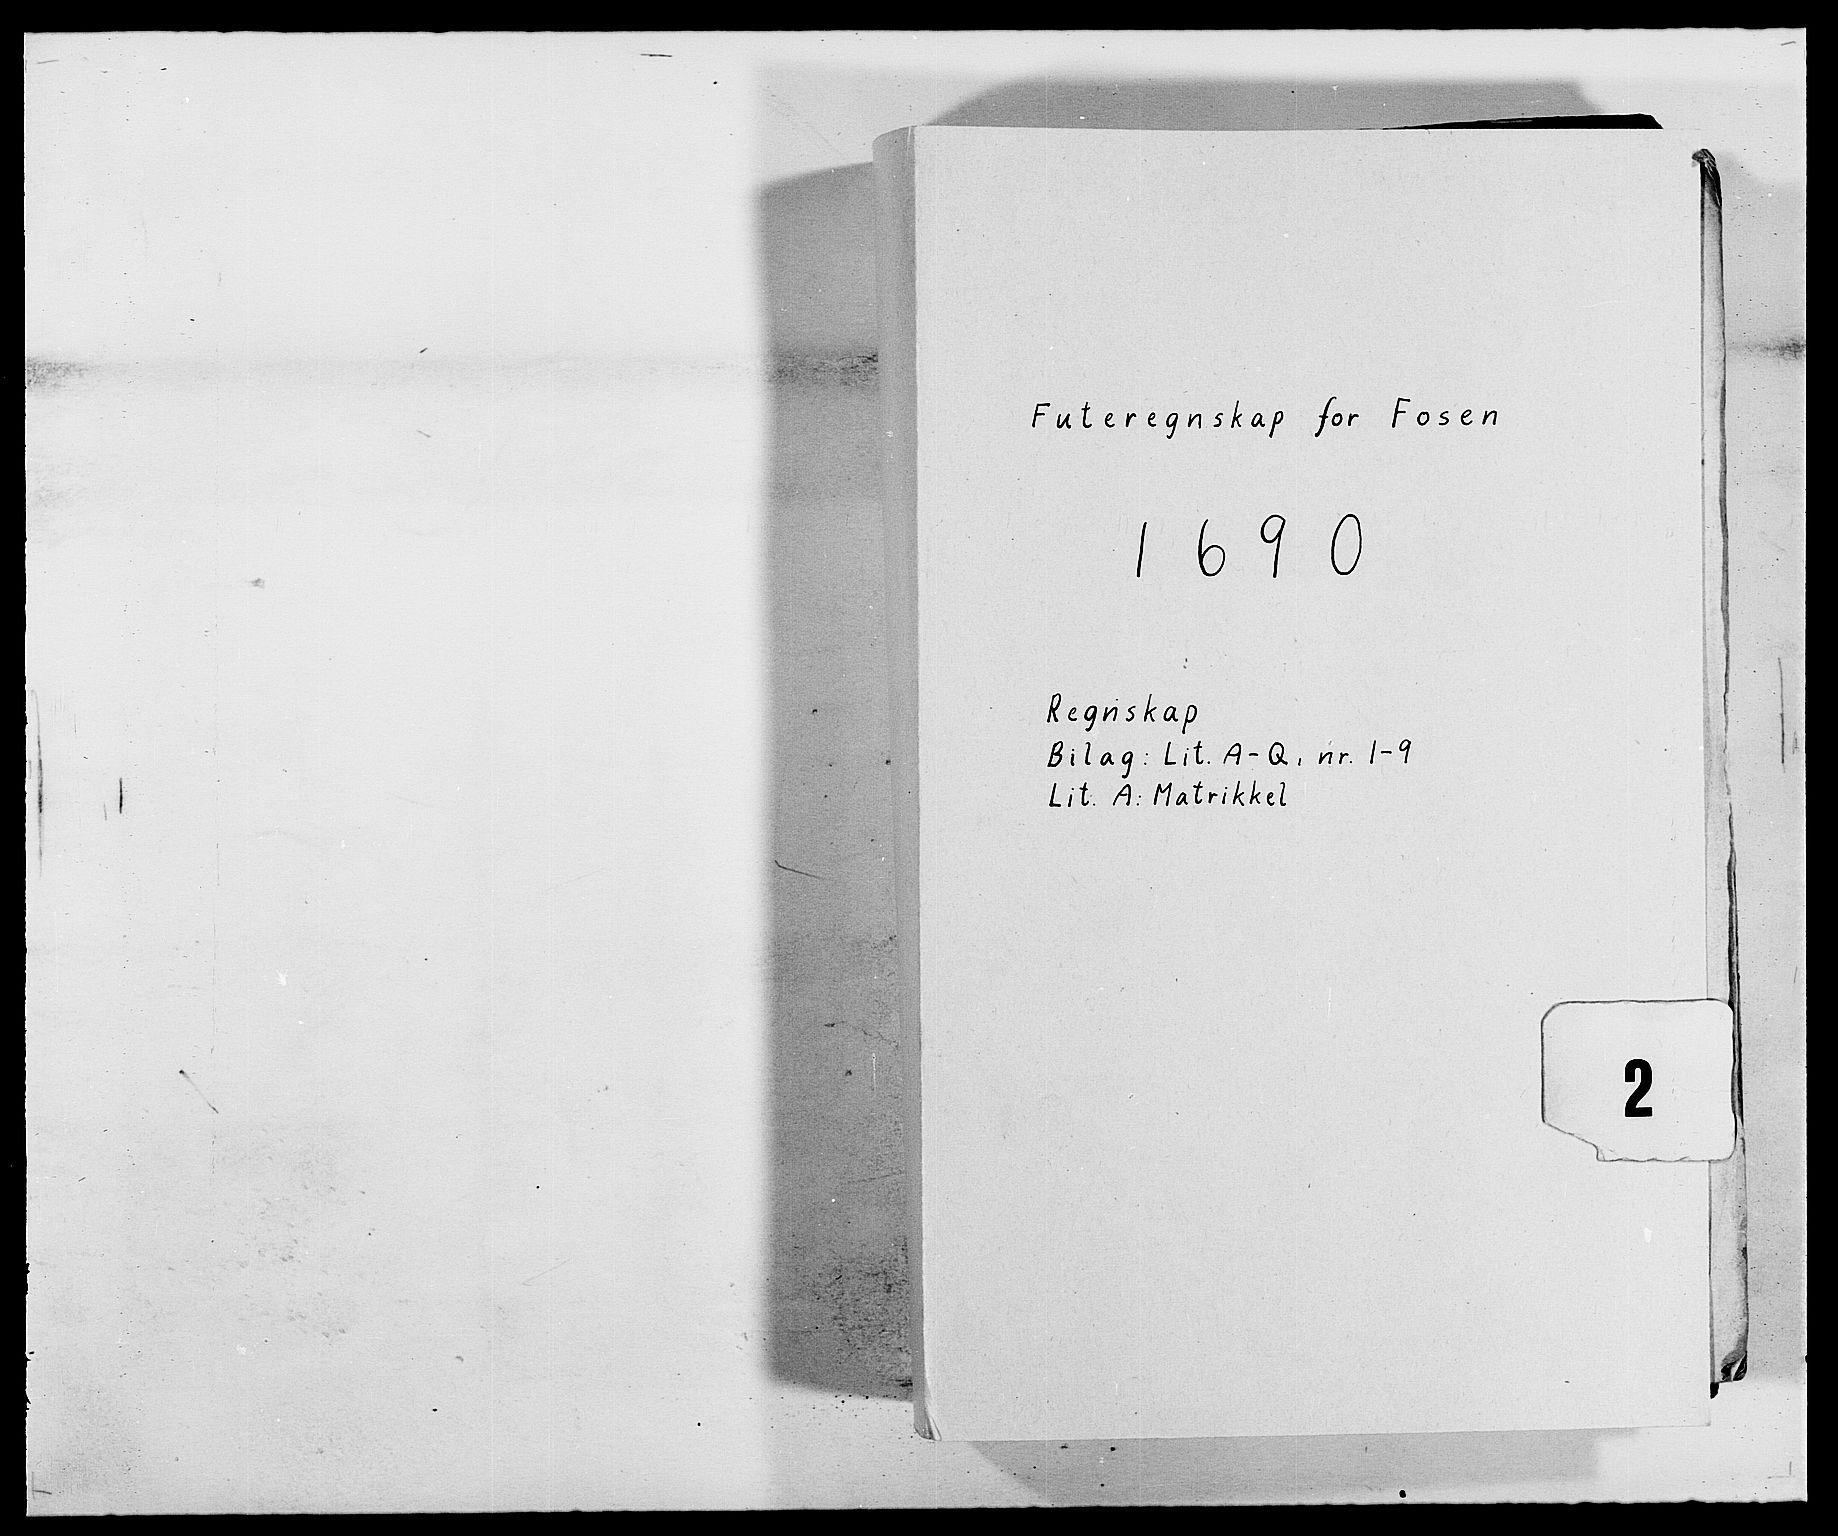 RA, Rentekammeret inntil 1814, Reviderte regnskaper, Fogderegnskap, R57/L3848: Fogderegnskap Fosen, 1690-1691, s. 1